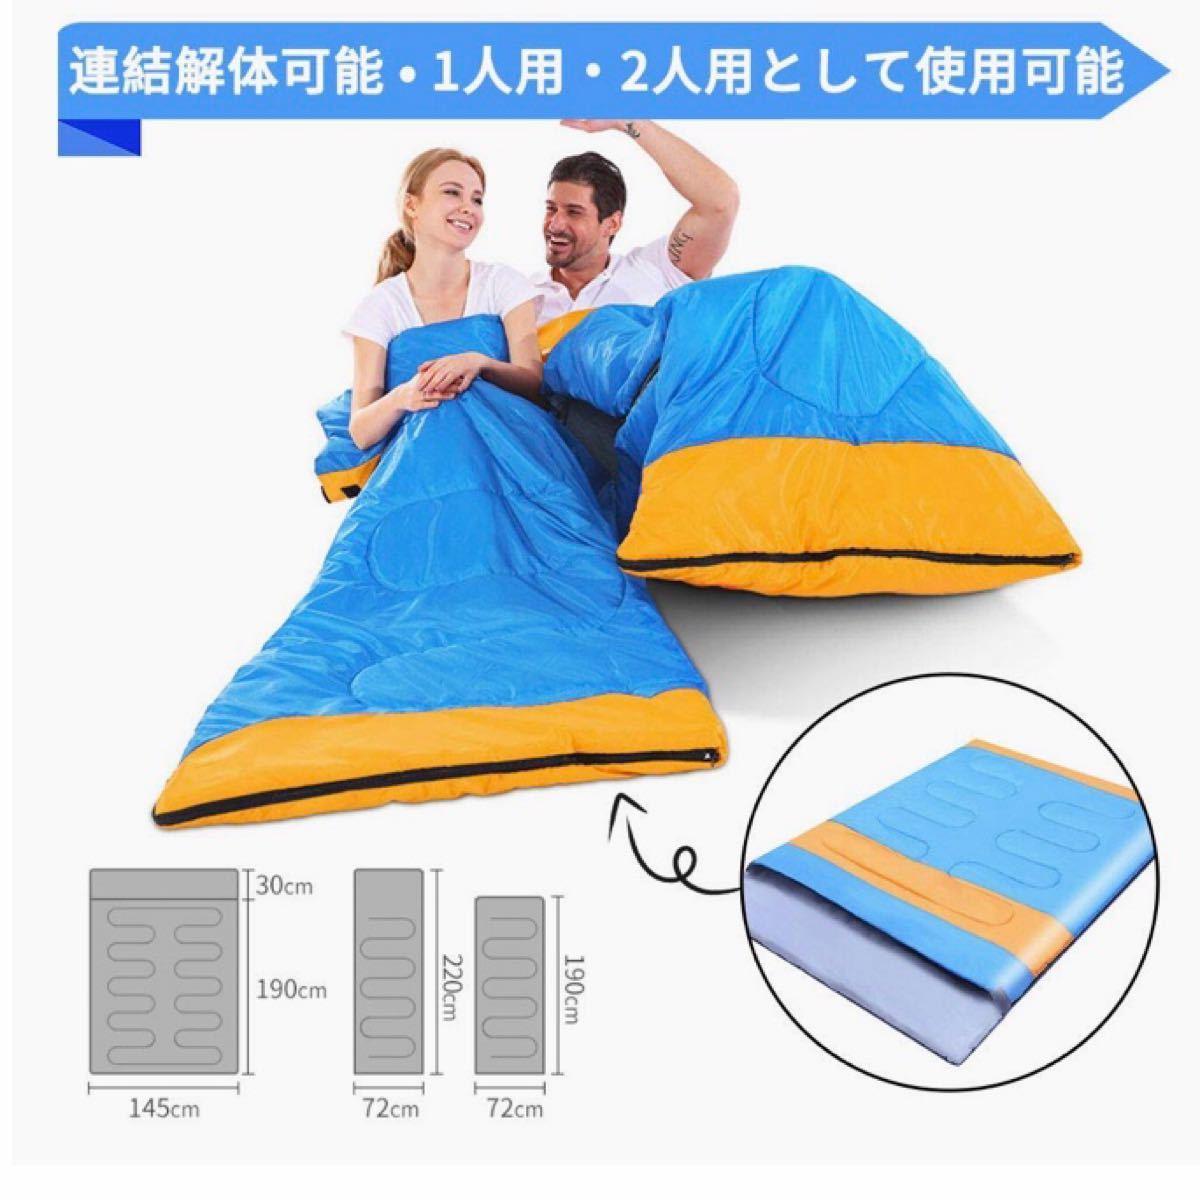 寝袋 シュラフ 2人用 封筒型 セパレート可能 収納袋付 丸洗い可能 アウトドア キャンプ 保温 軽量 コンパクト ダブルサイズ